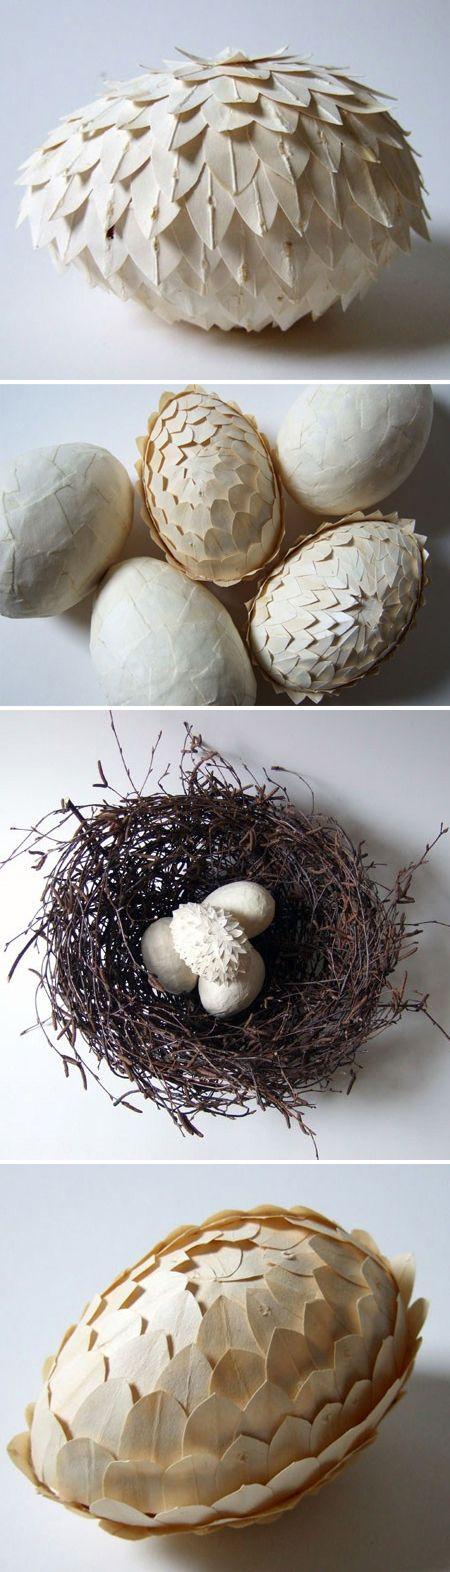 cecilia levy - paper eggs